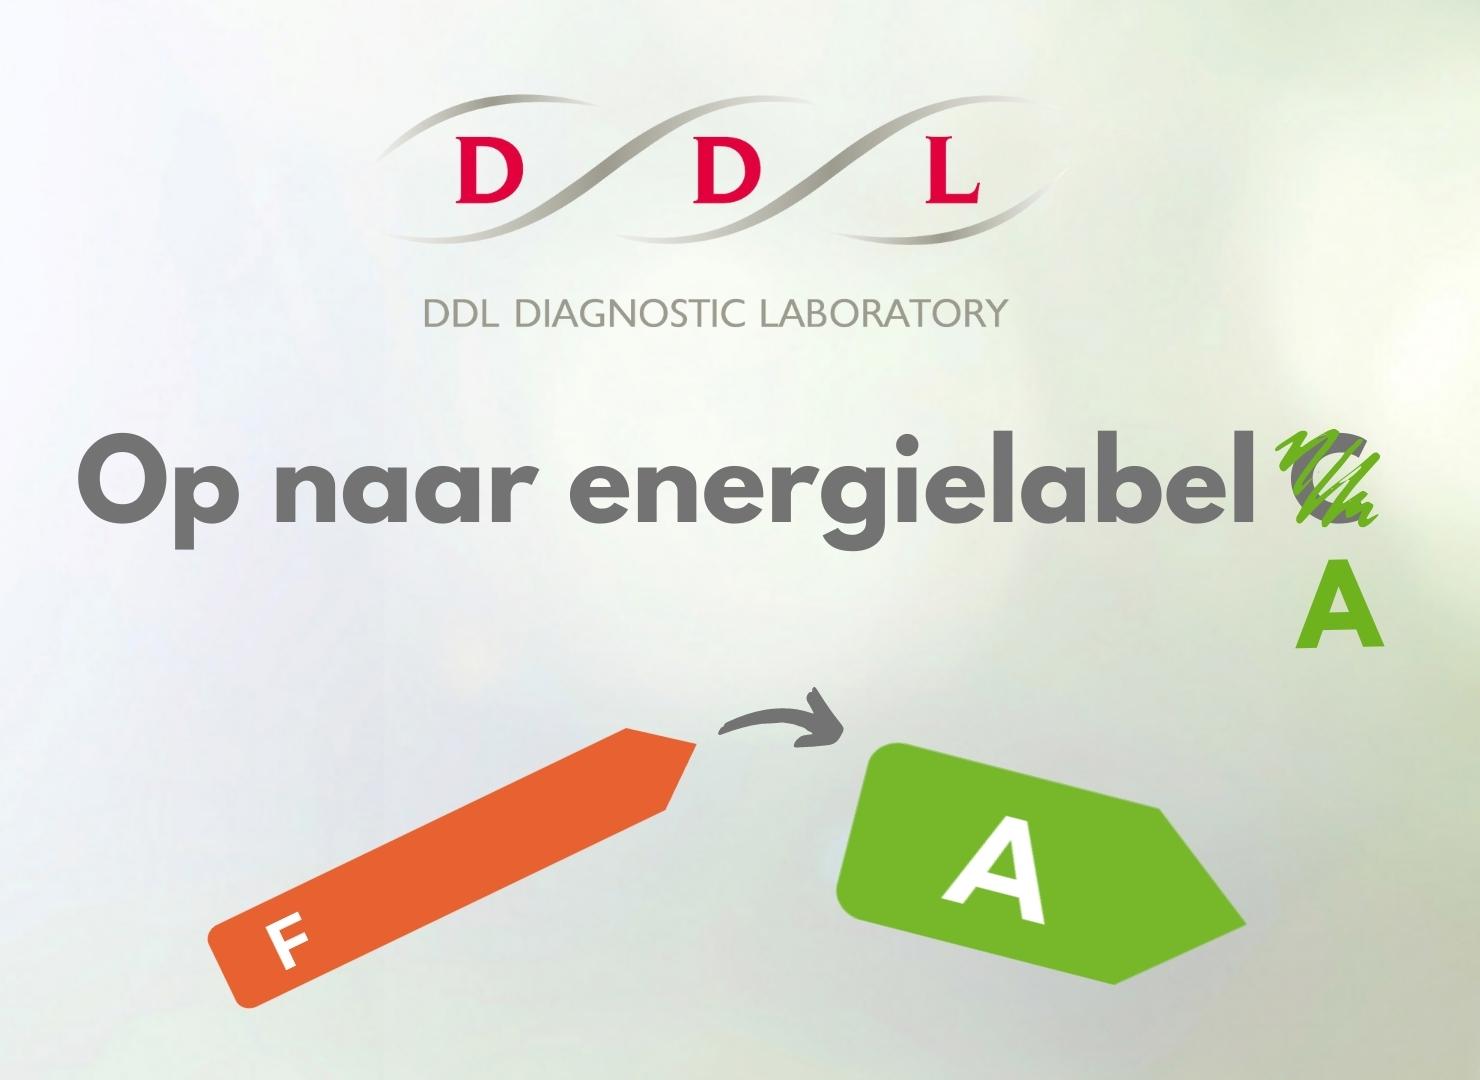 energielabel-c-DDL